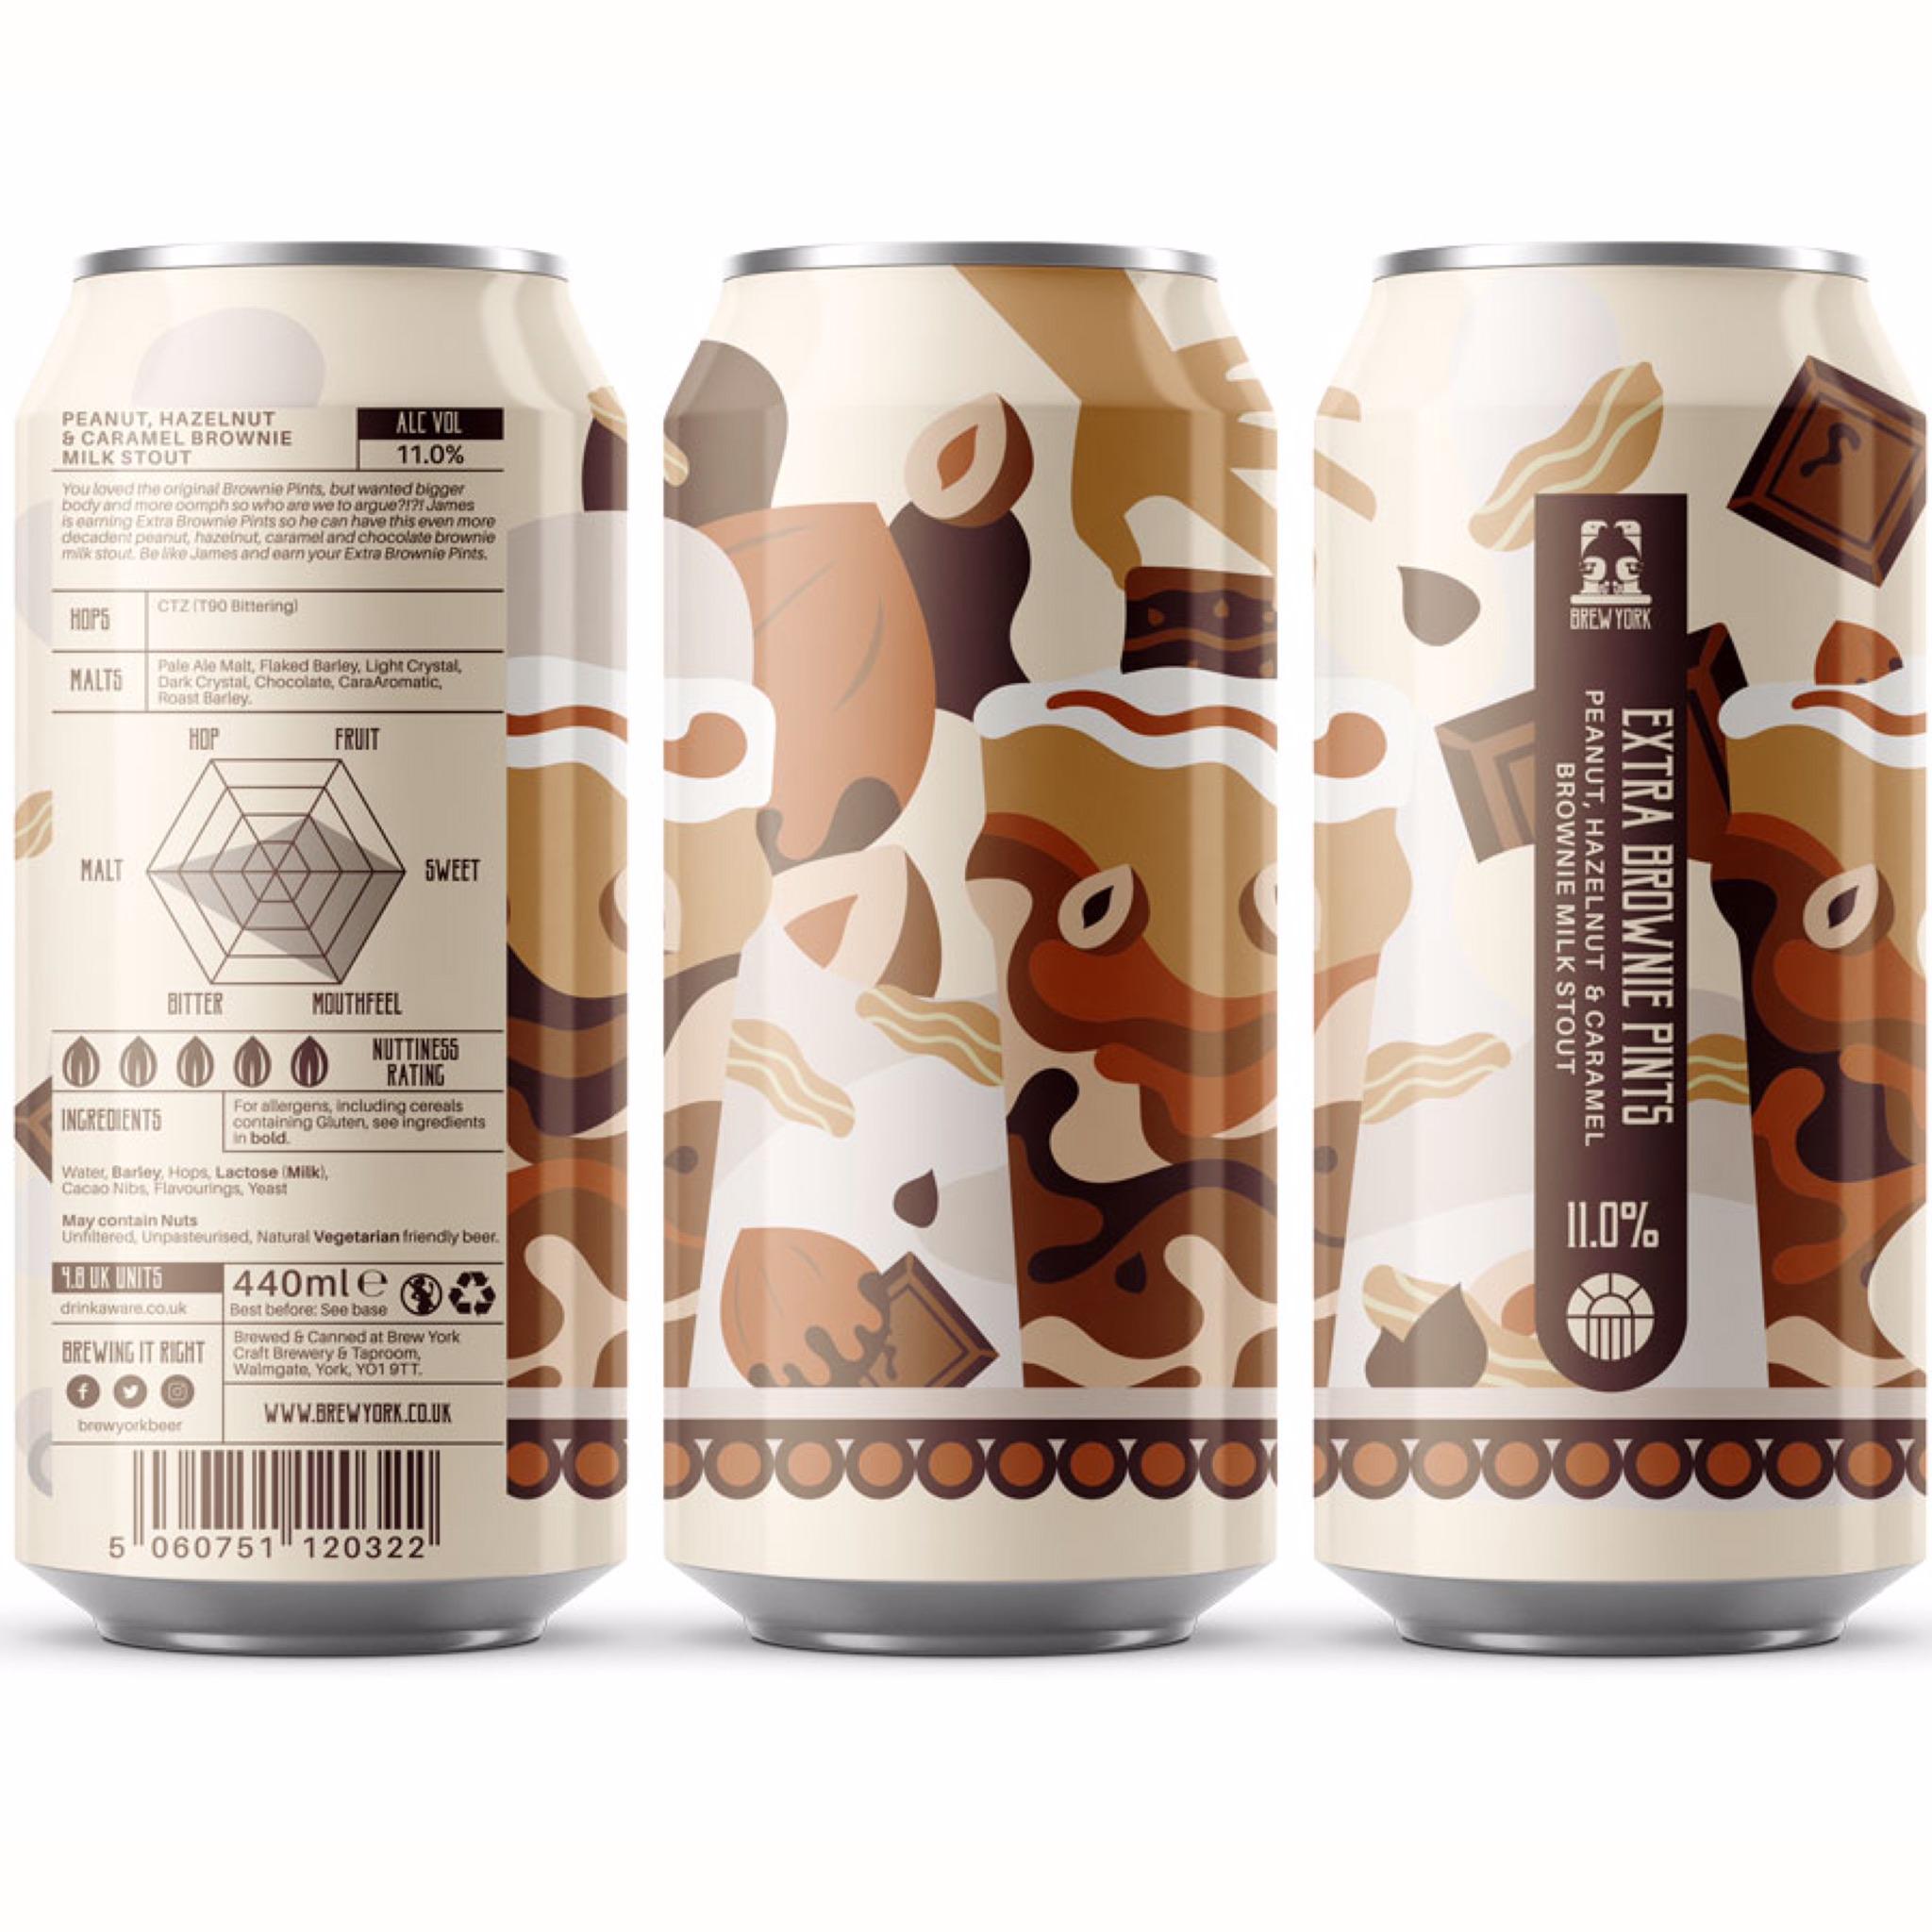 Extra Brownie Pints Peanut, hazelnut & caramel brownie milk stout 11% 440ml Brew York